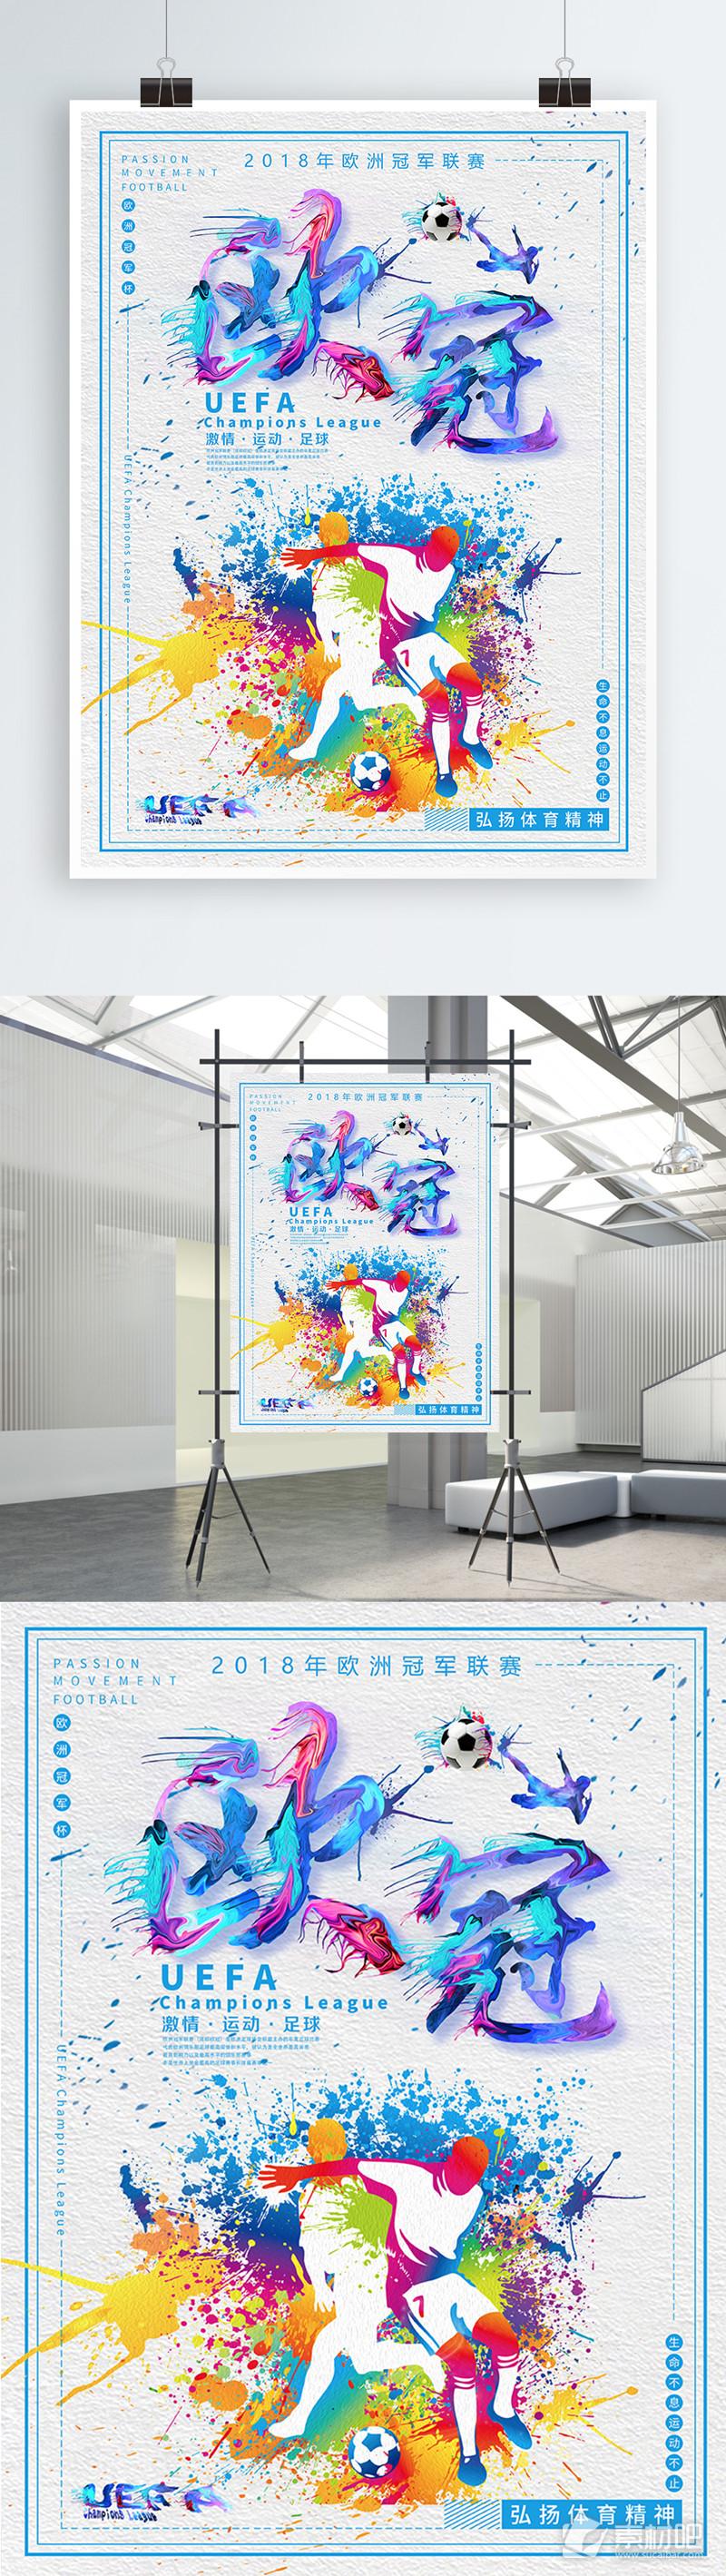 欧洲冠军联赛喷溅风海报设计